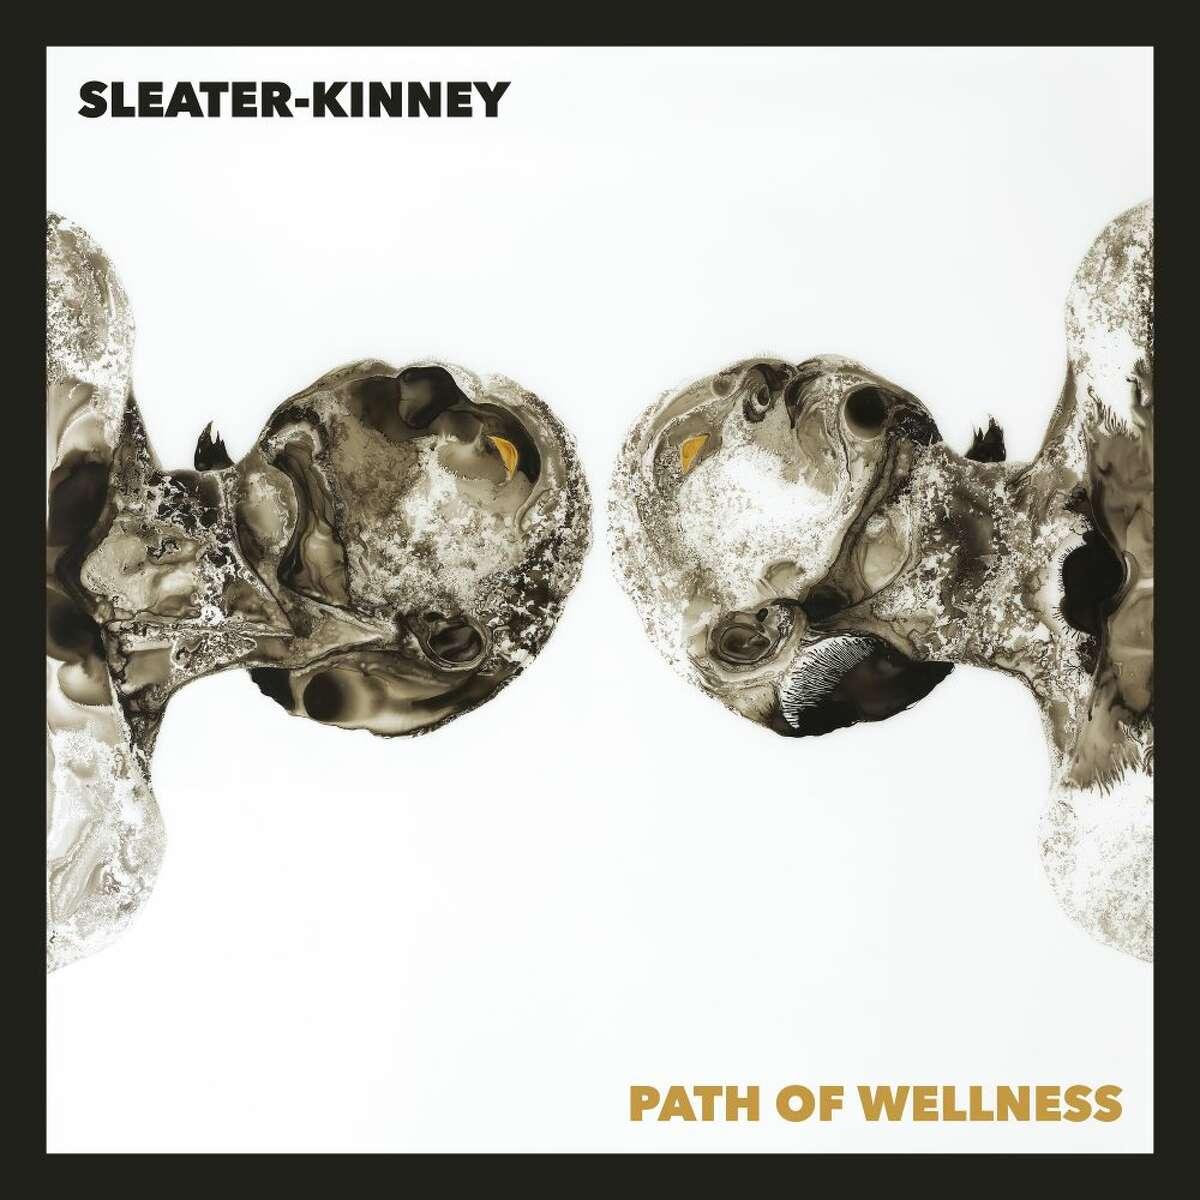 Sleater-Kinney's